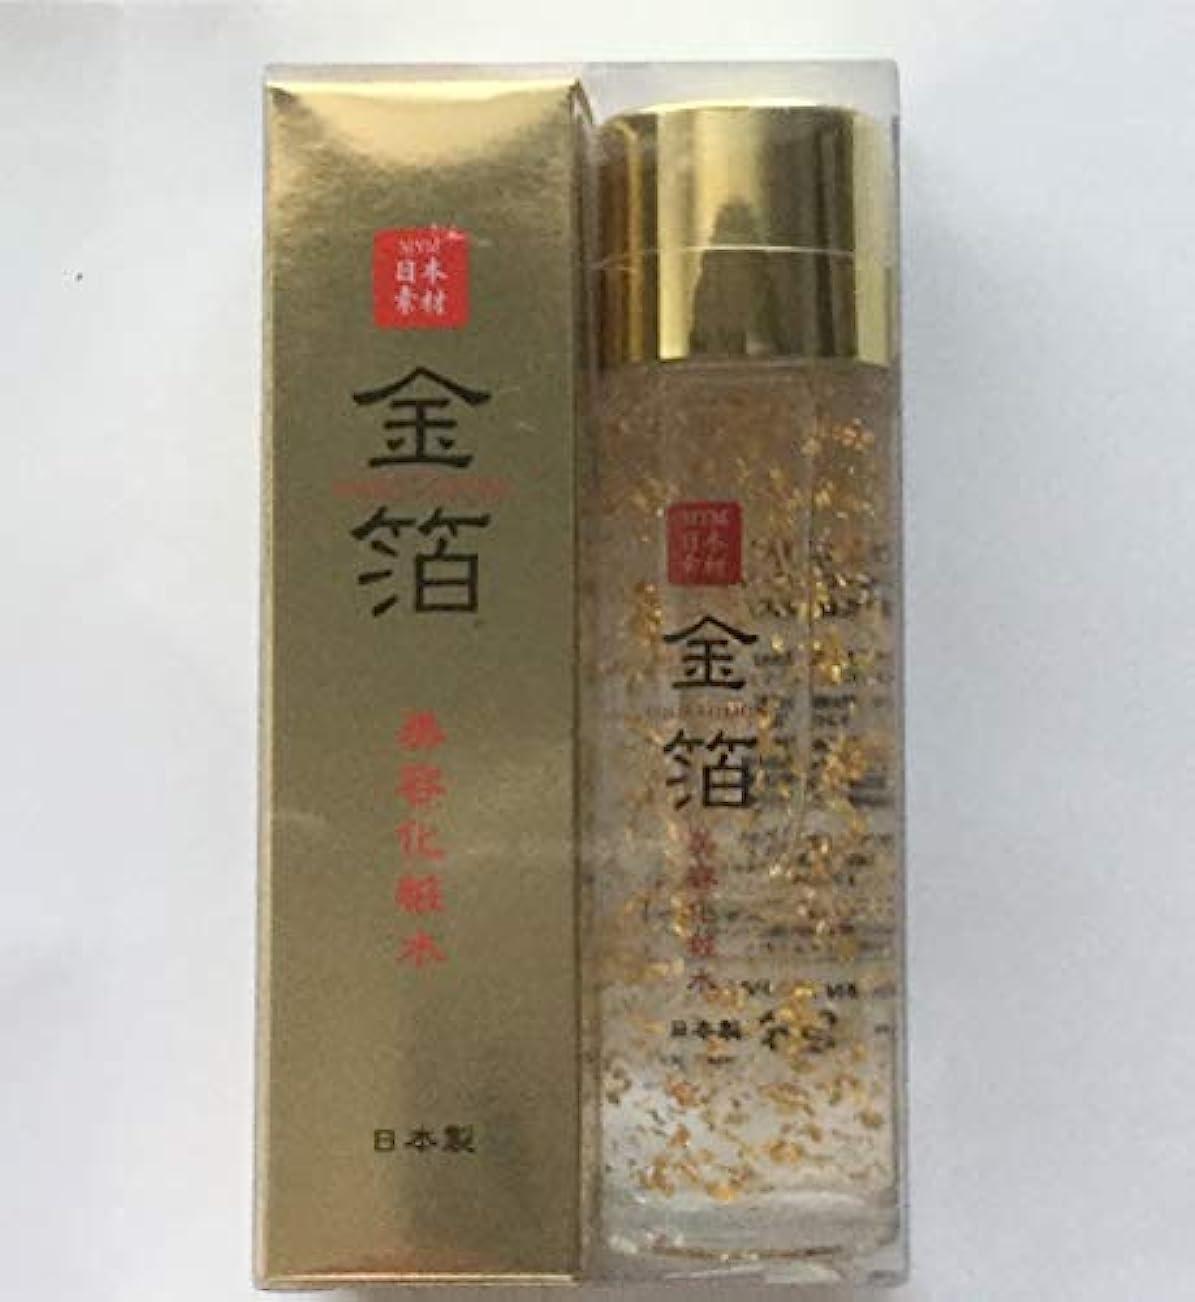 ネストステージクラフト金箔美容化粧水 120ml